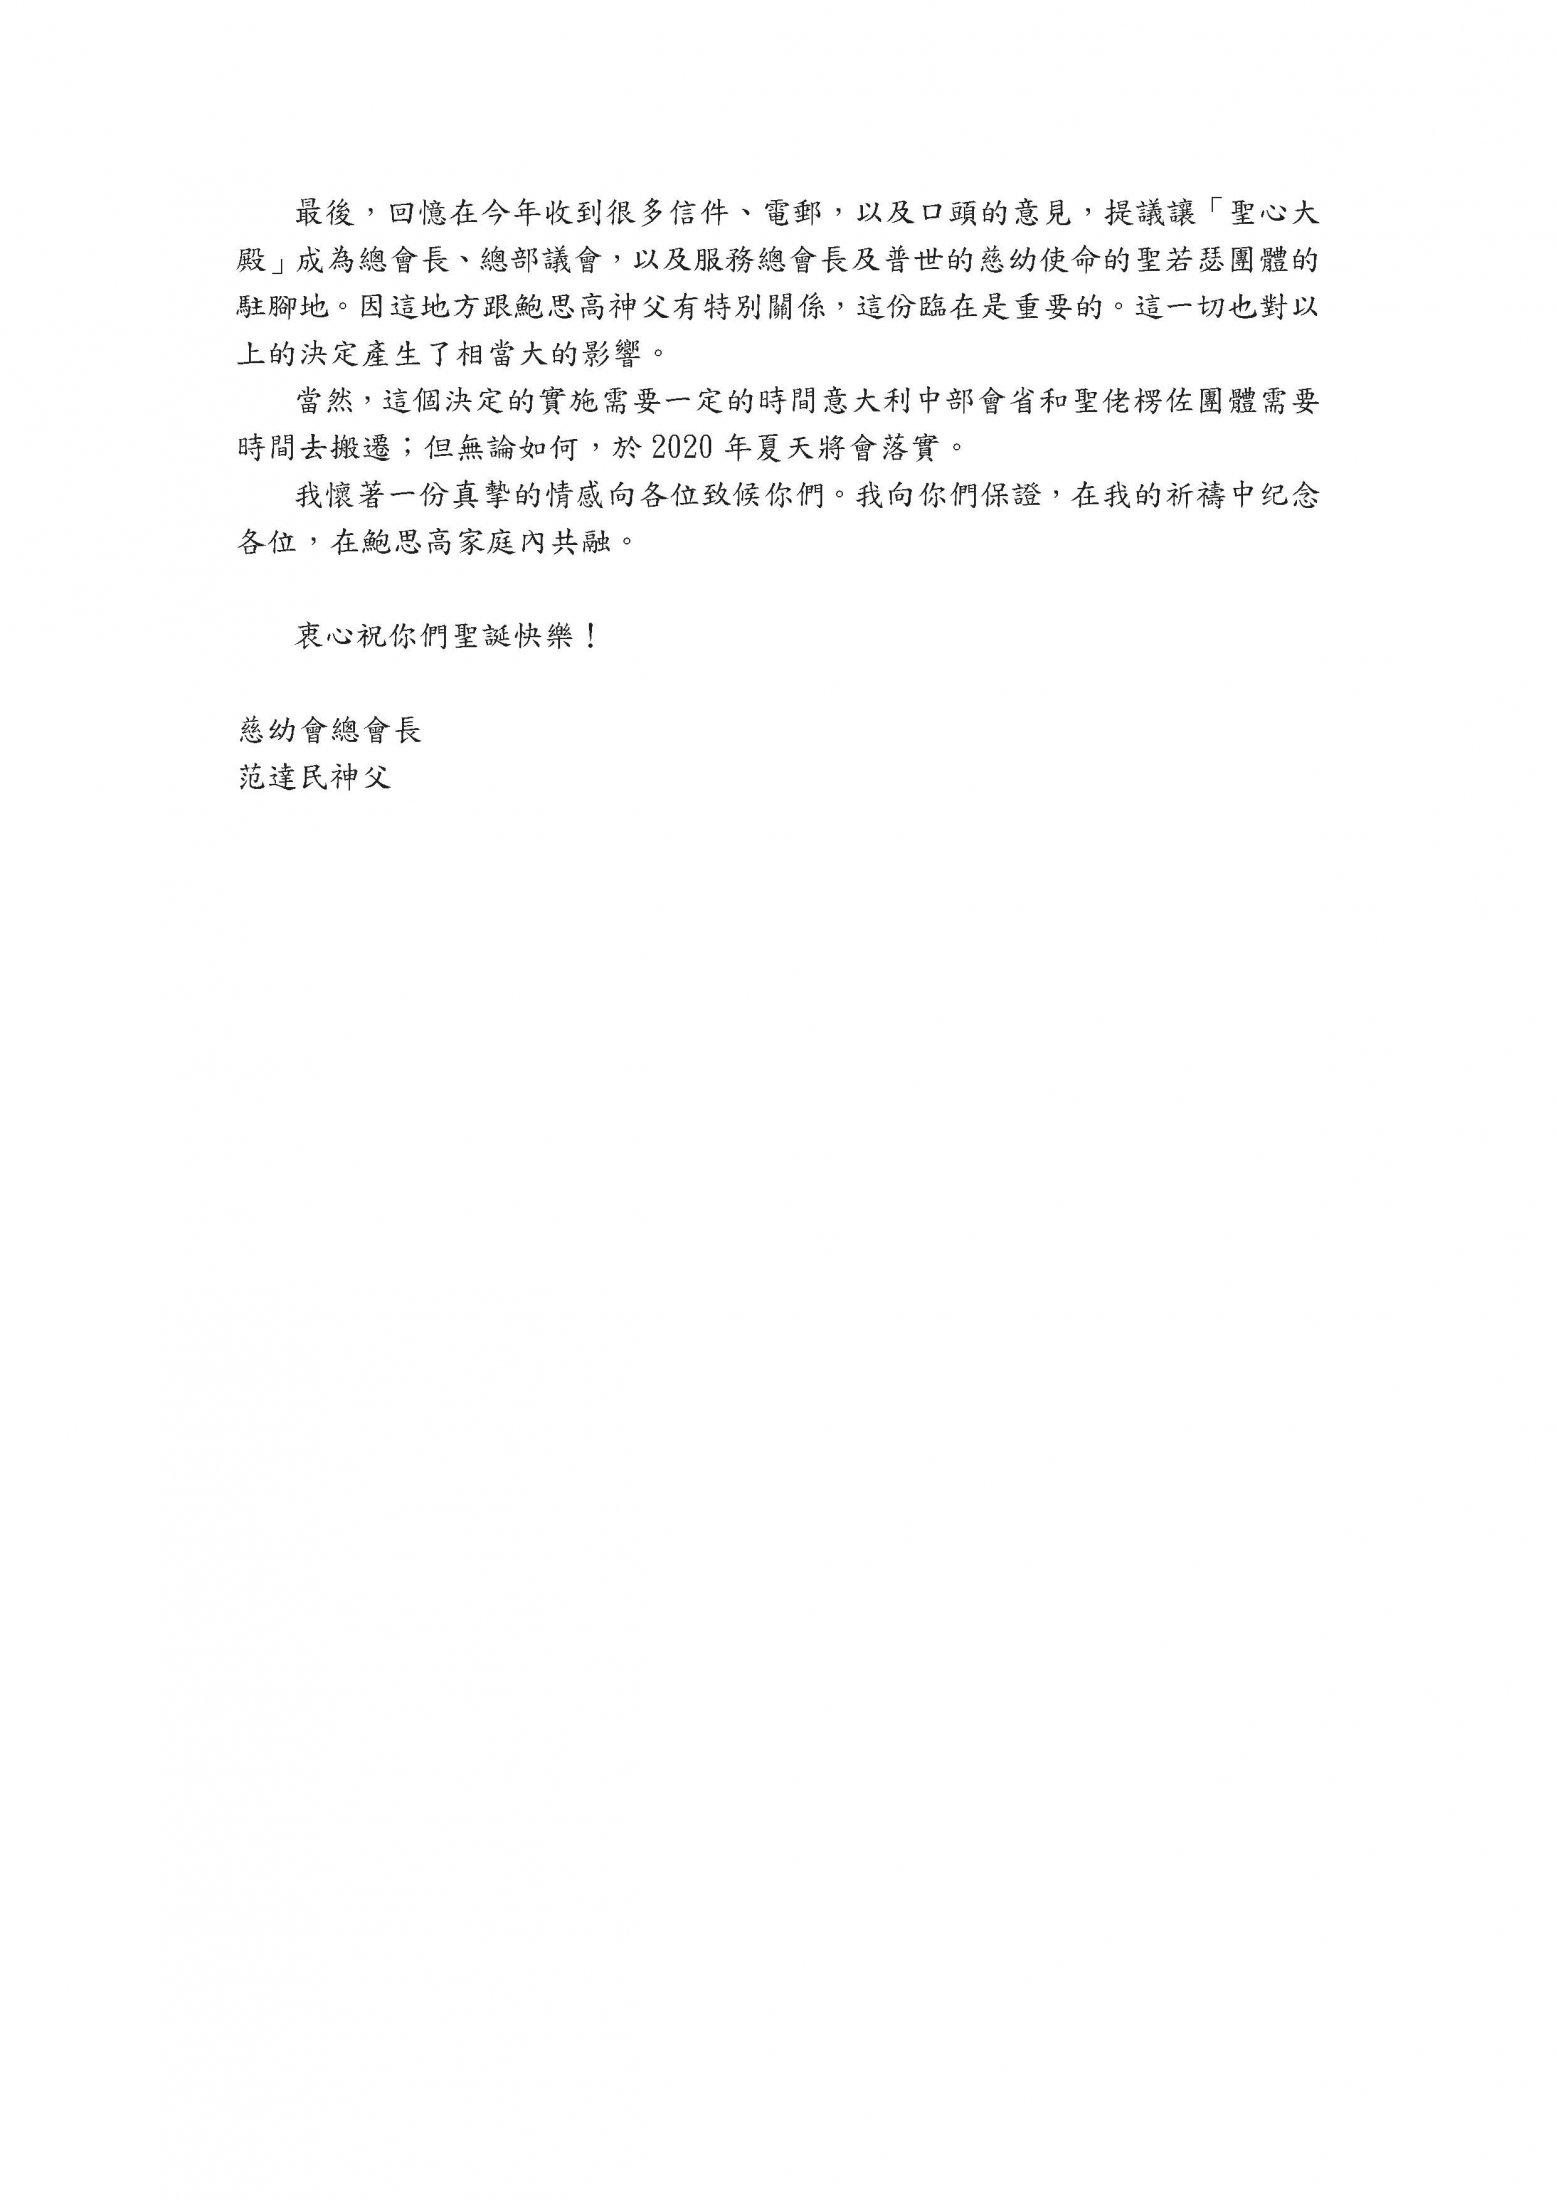 總會長公告 181217 Page 2